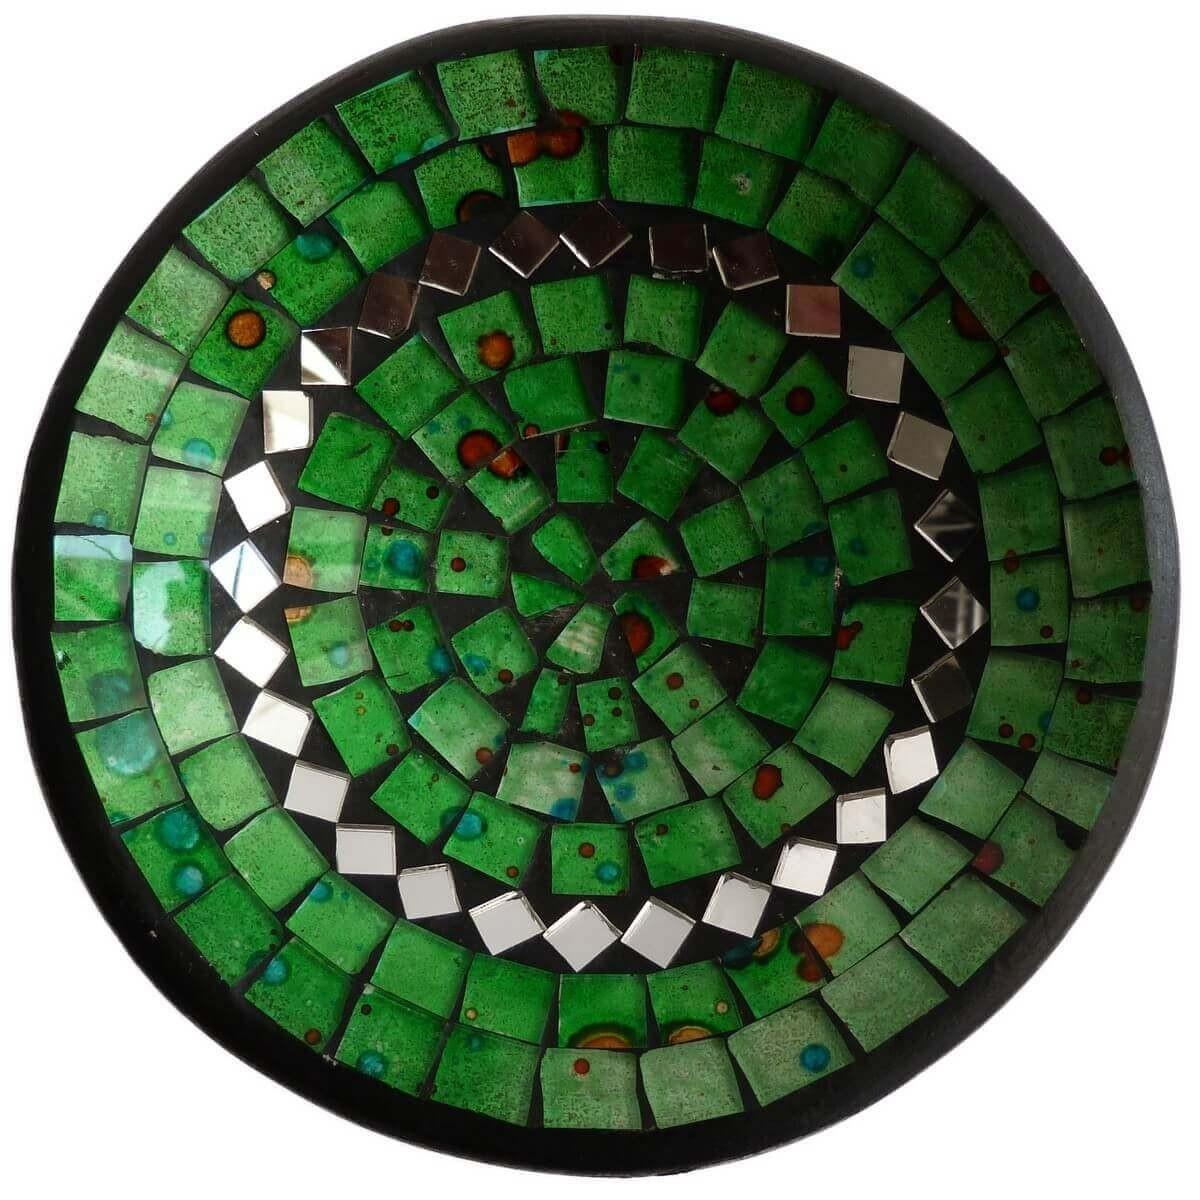 mosaikschale tonschale glasschale dekoschale mosaik kunst deko rund spiegel m ebay. Black Bedroom Furniture Sets. Home Design Ideas